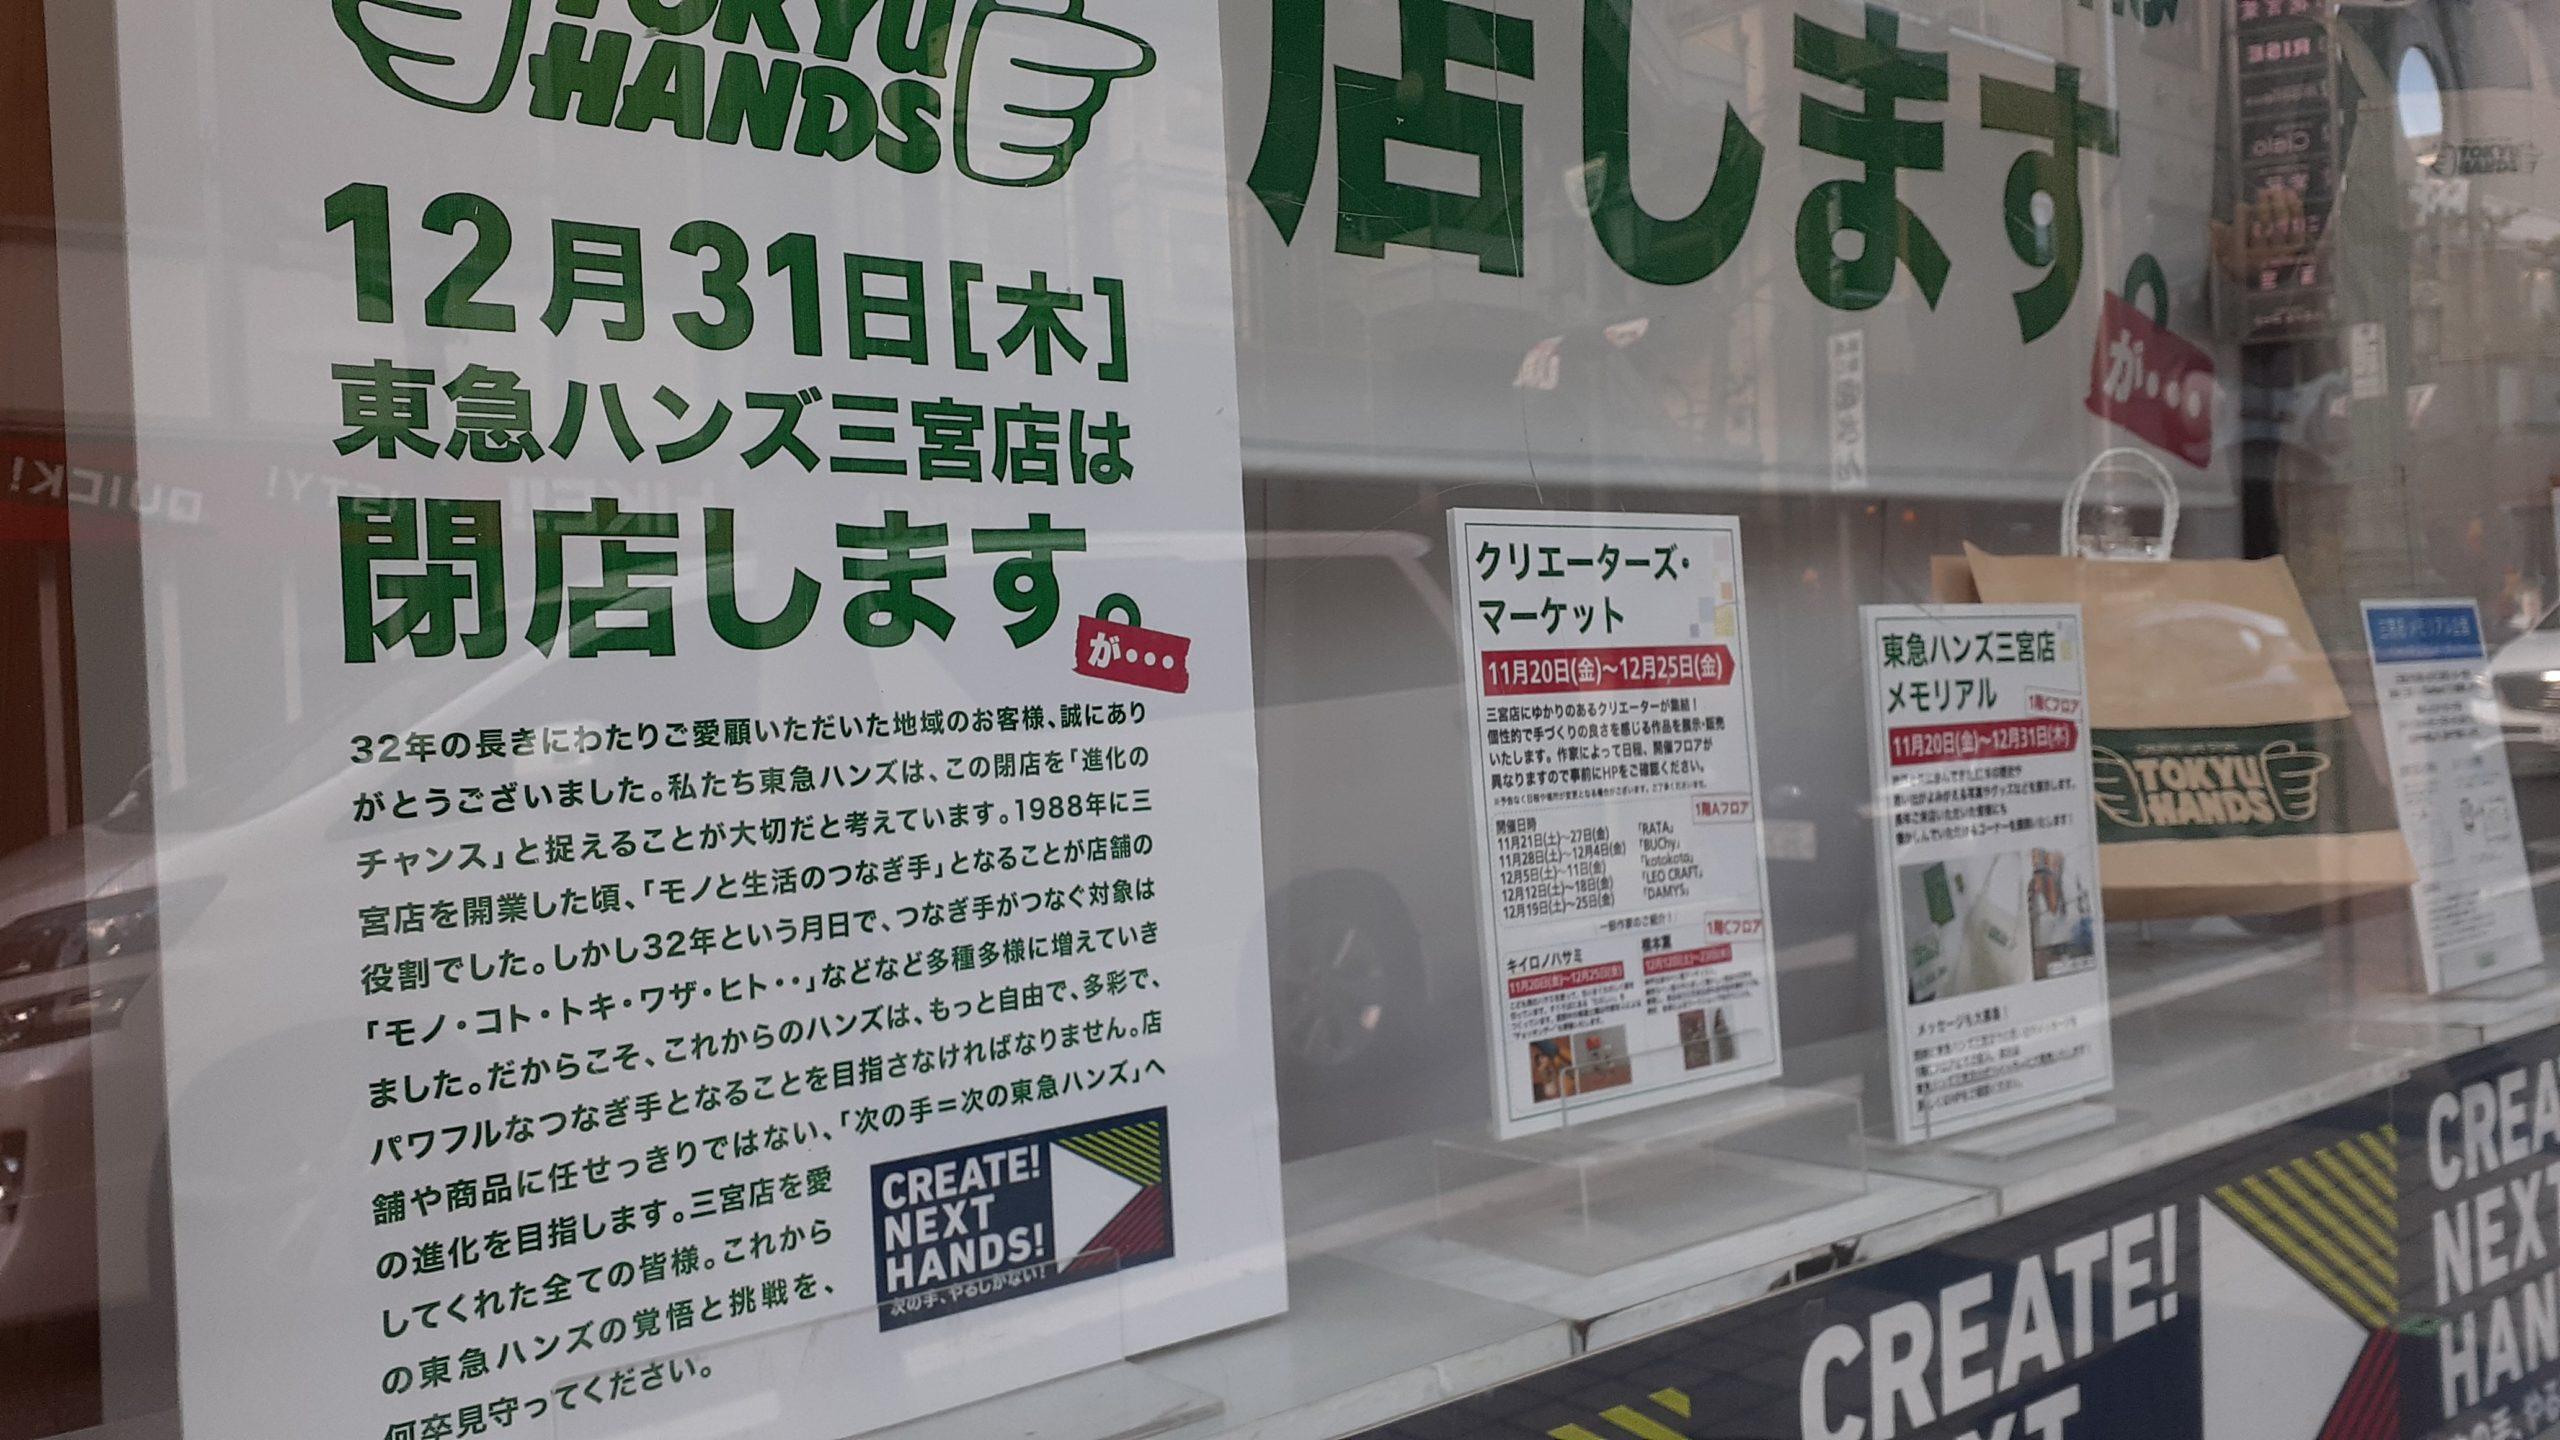 ハンズ 閉店 東急 三宮 店